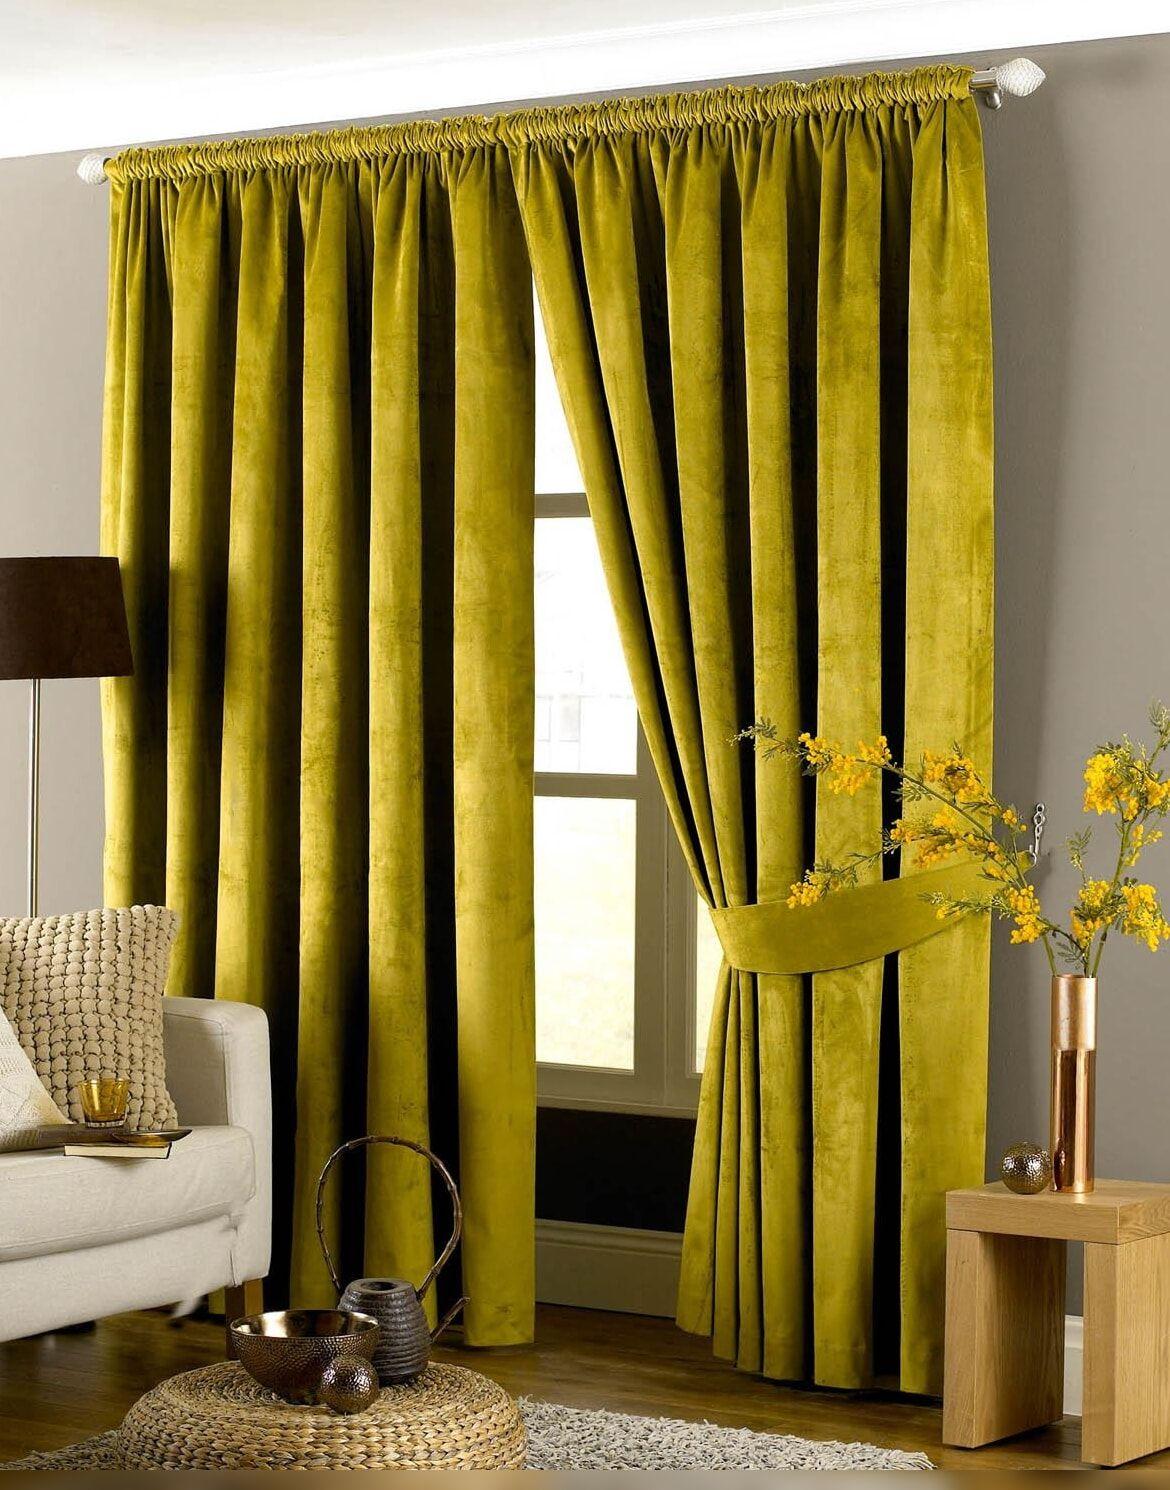 Account Suspended Interior Design Curtains Interior Design Curtain Designs